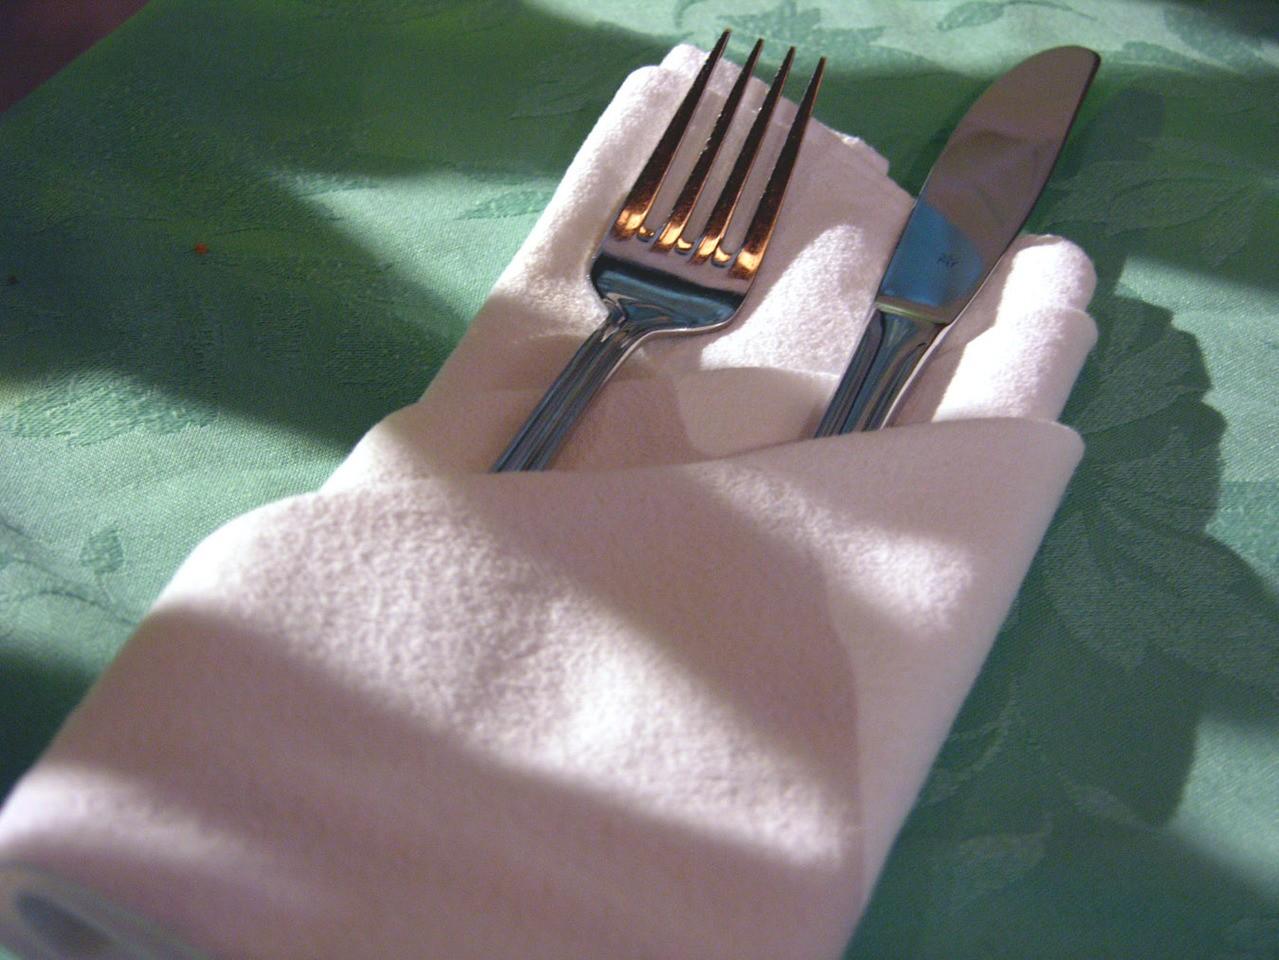 Makaronowe kompozycje – szybko, tanio i smacznie